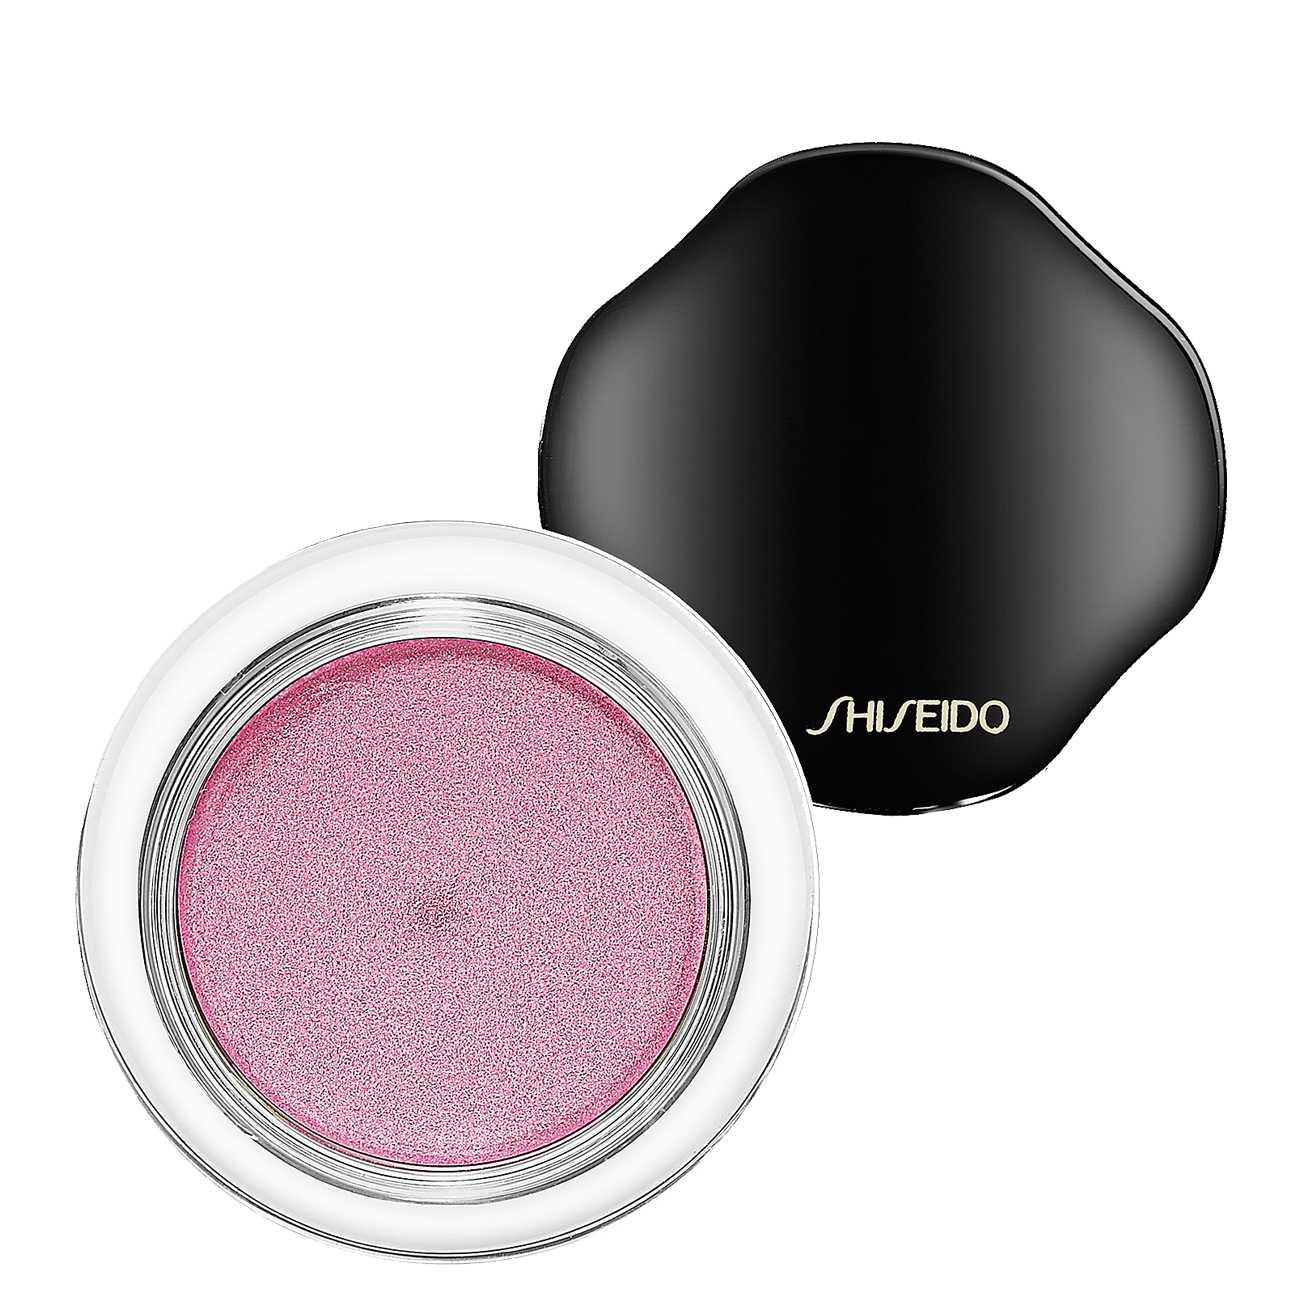 Shimmering Cream Eye Color 6 G Magnolia Pk 302 Shiseido imagine 2021 bestvalue.eu